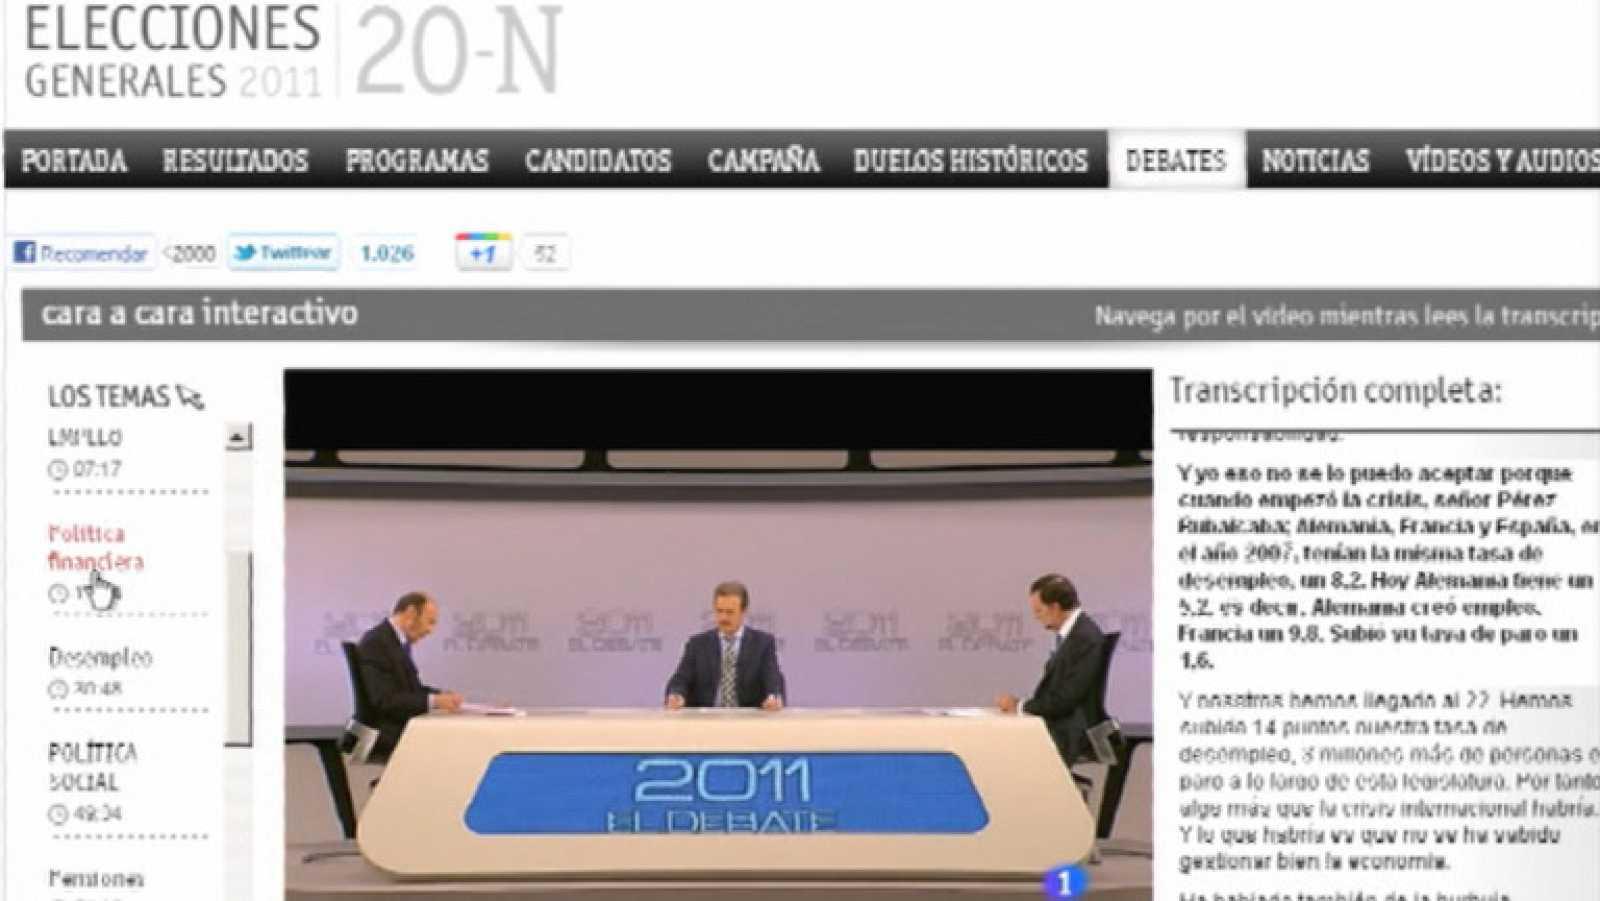 Las redes sociales consideran el cara a cara de Rajoy y Rubalcaba plano y aburrido